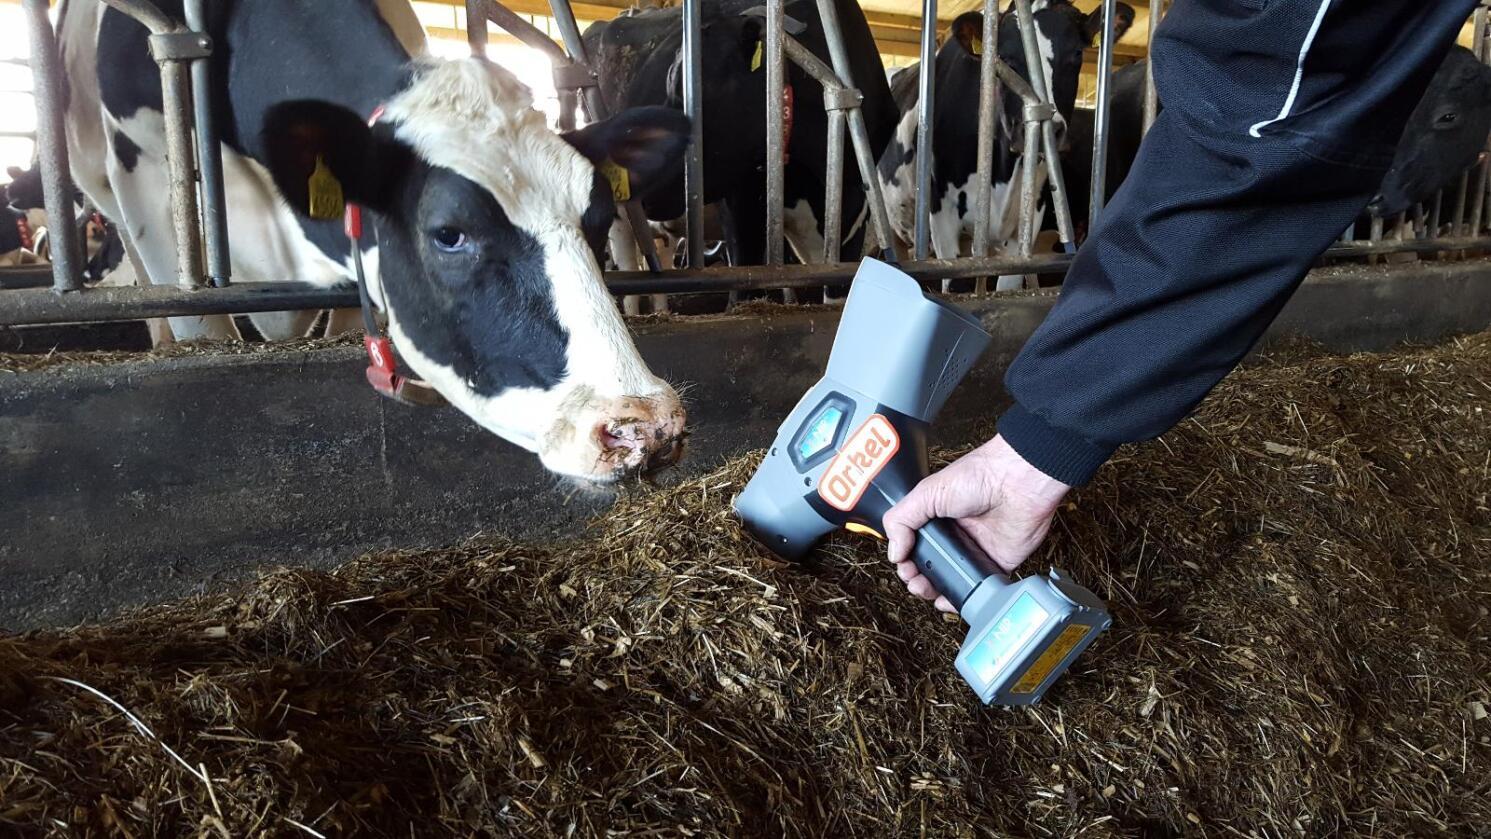 Få oversikt: Ved hjelp av NIR-teknologi kan du enkelt og umiddelbart få oversikt over tørrstoffprosent og relevante kvalitetsparametre i grovfôret ditt. Foto: Orkel